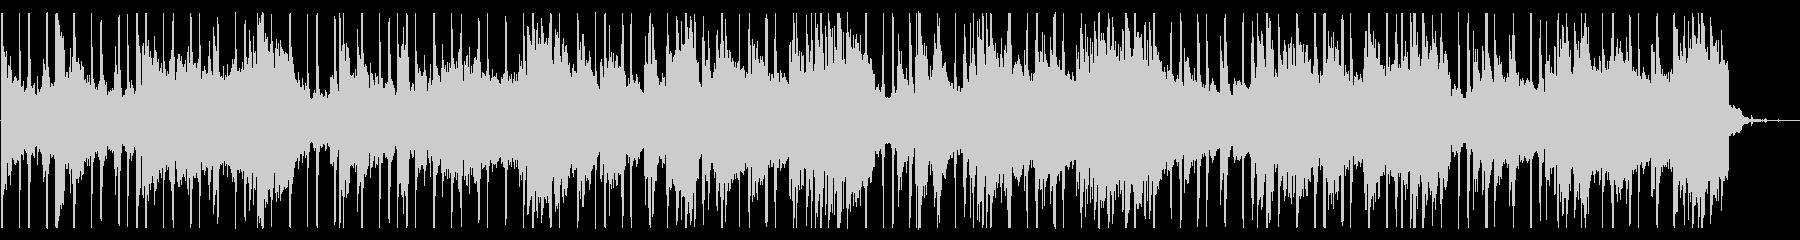 大人なR&B_No638_3の未再生の波形